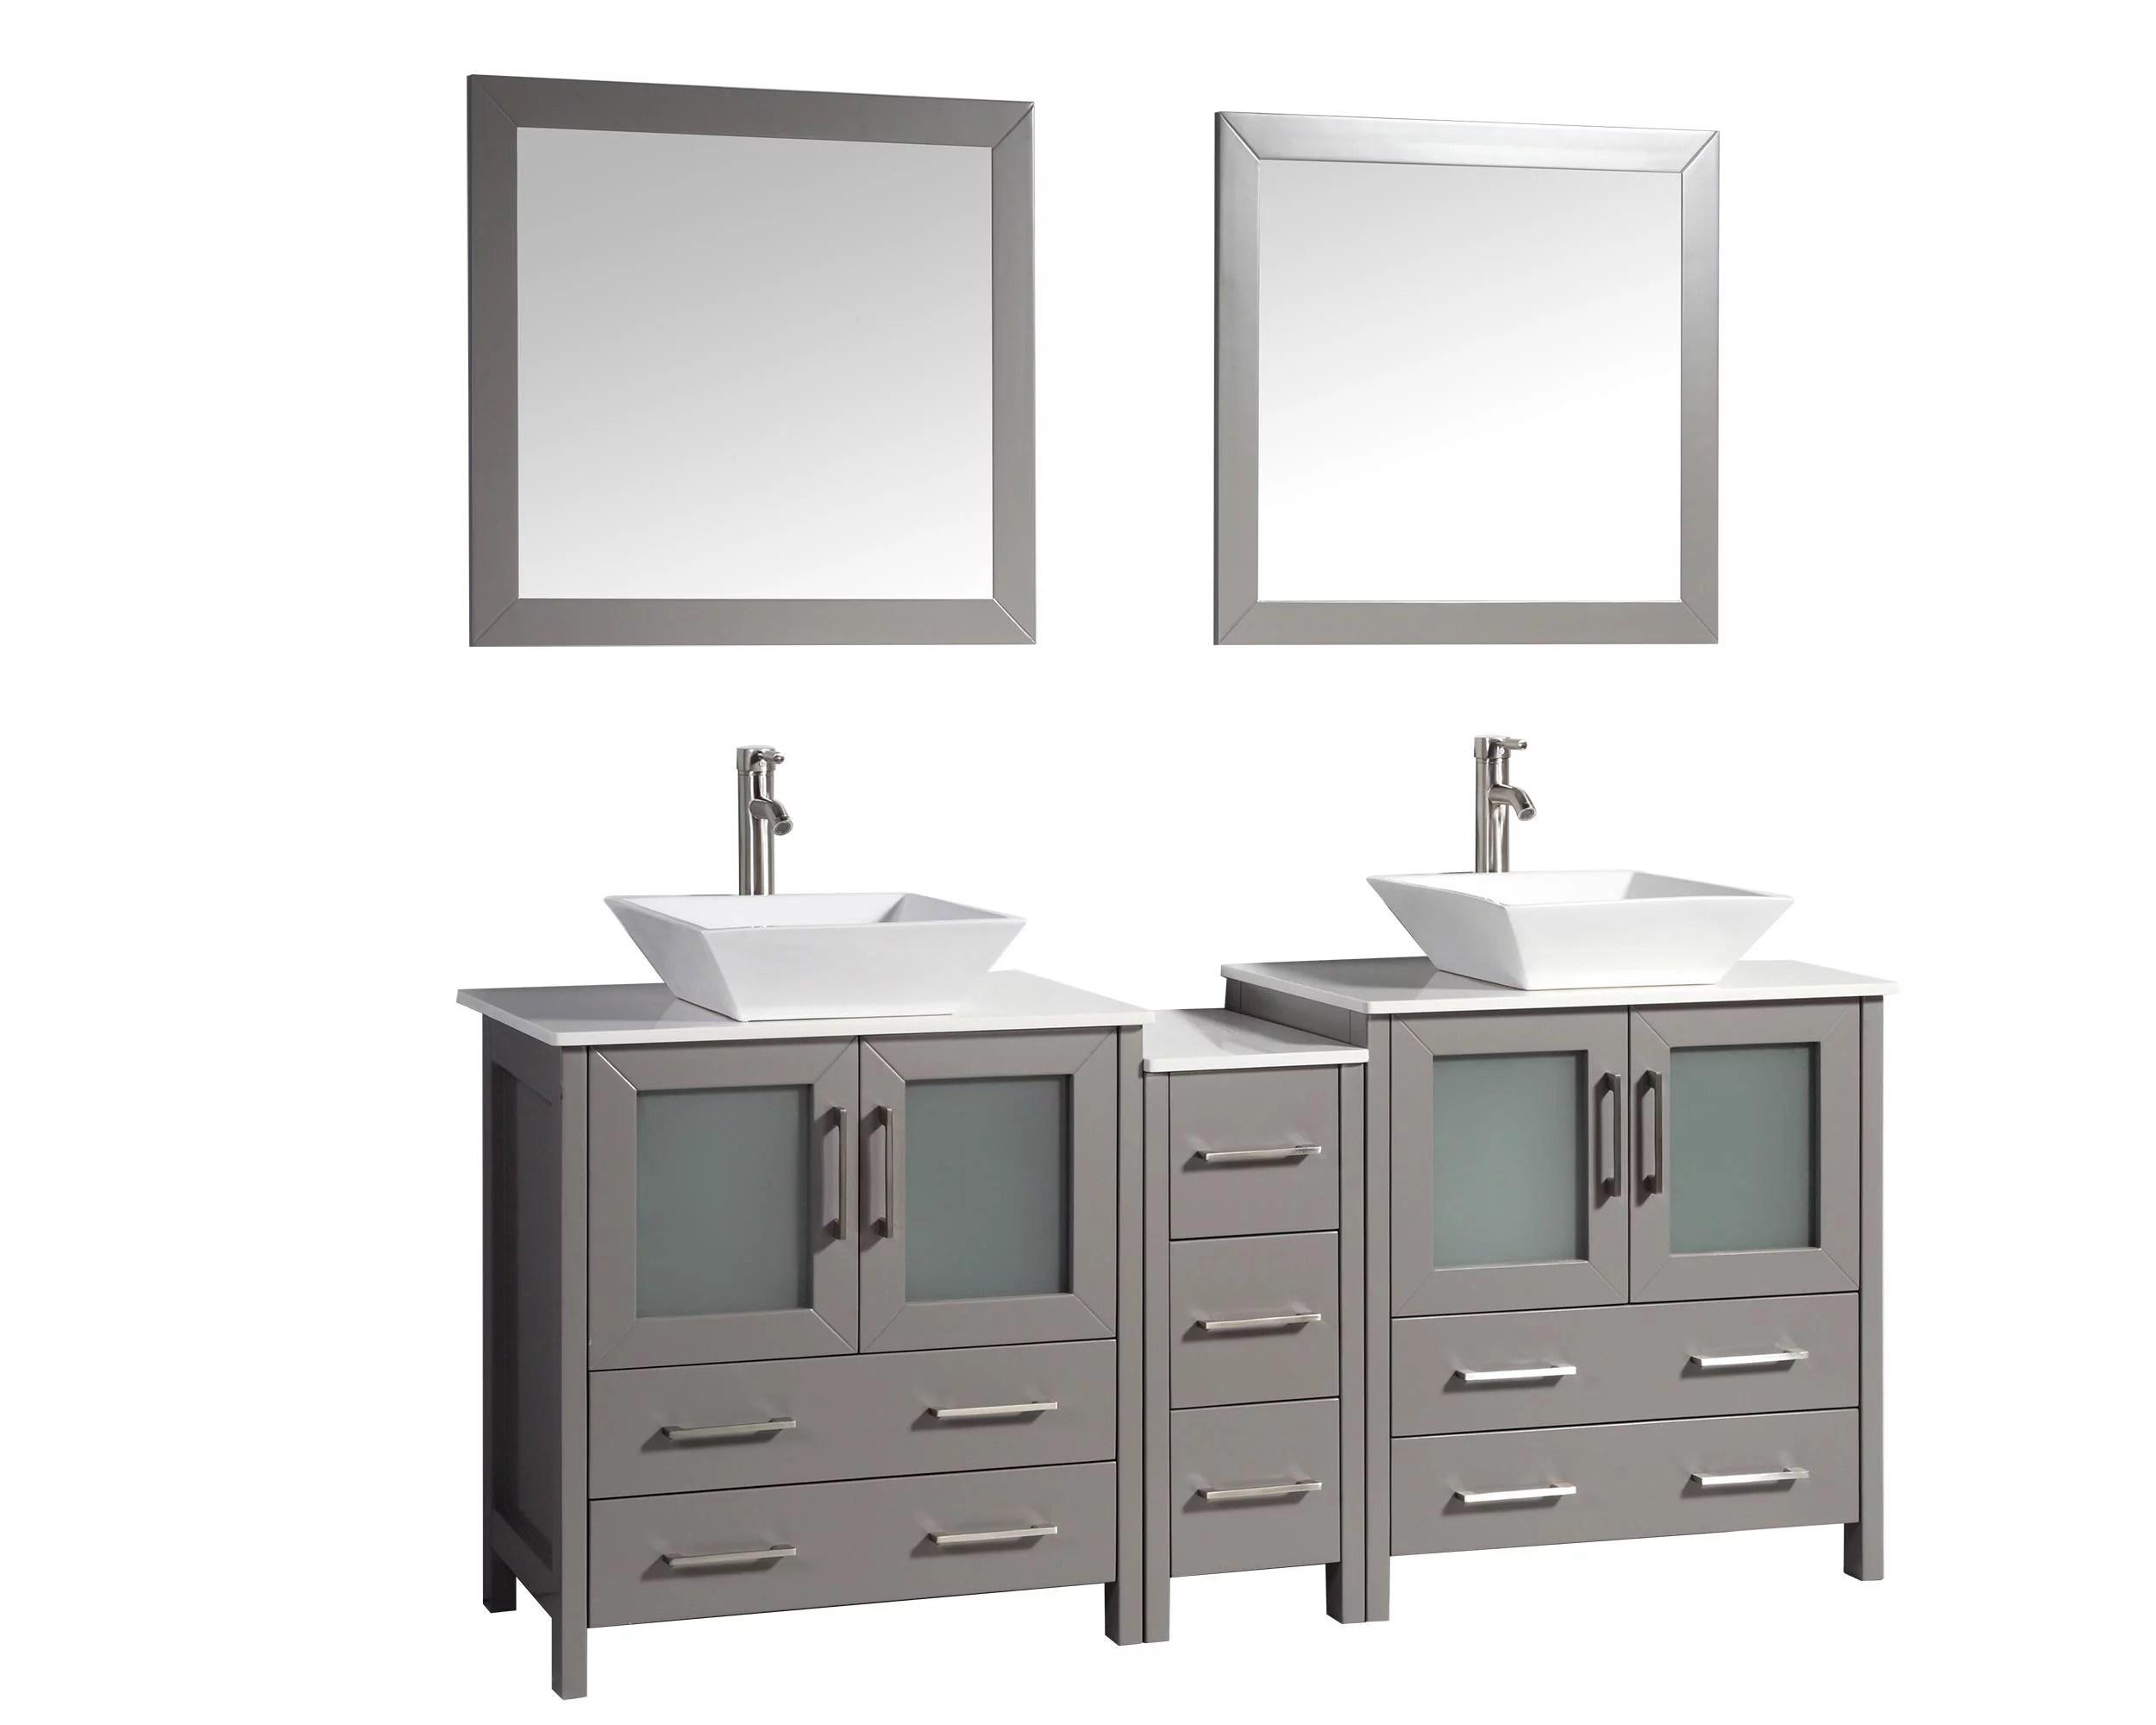 vanity art 72 inch double sink bathroom vanity set with ceramic vanity top walmart com